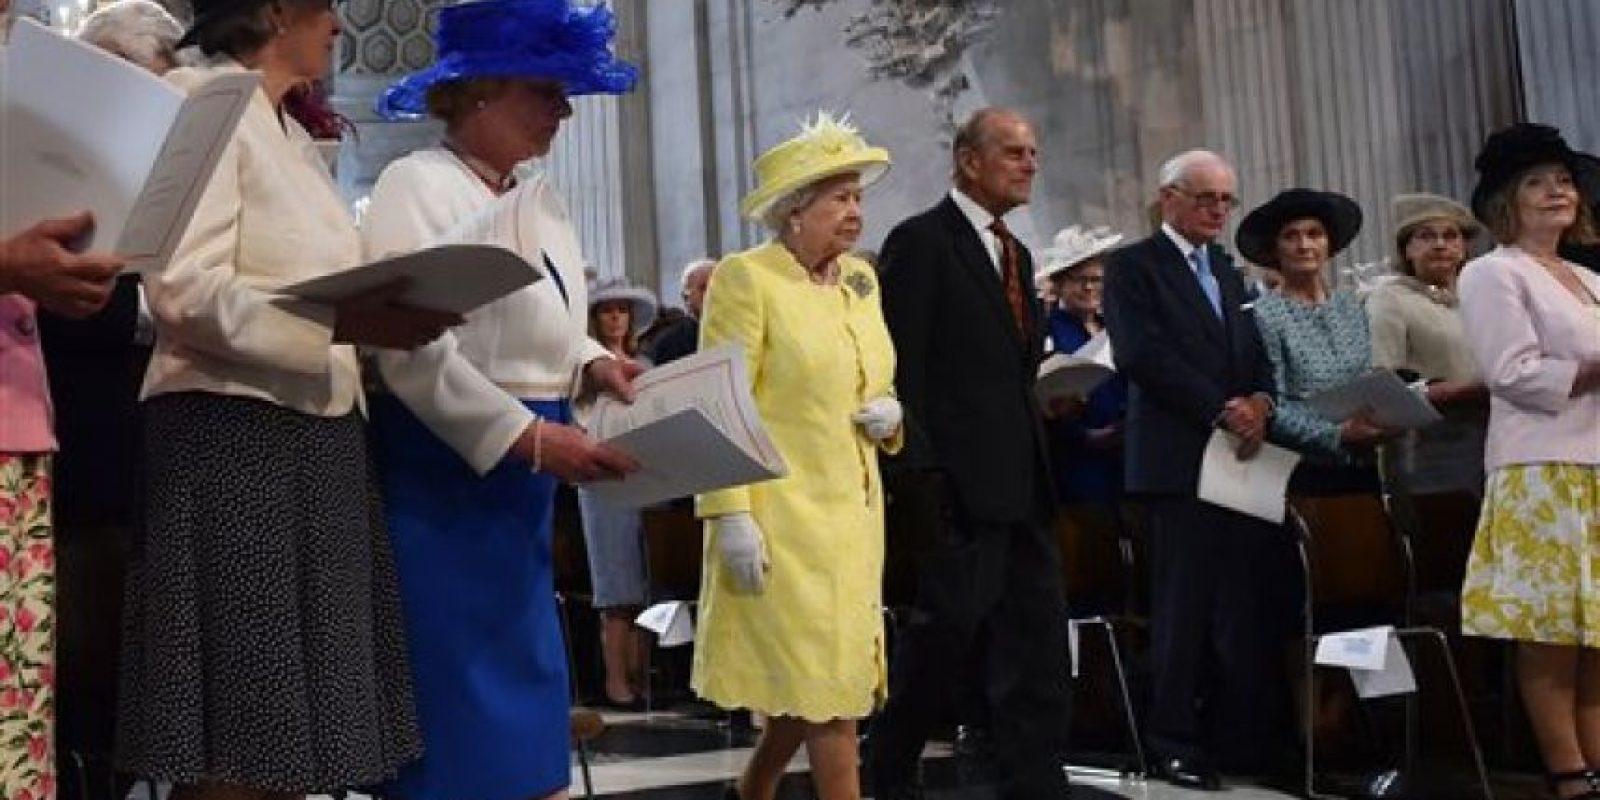 La reina Isabel II y el príncipe Felipe salen de la Catedral de San Pablo tras un servicio realizado para conmemorar los 90 años de la monarca, el viernes 10 de junio del 2016 en Londres Foto:AP/Archivo